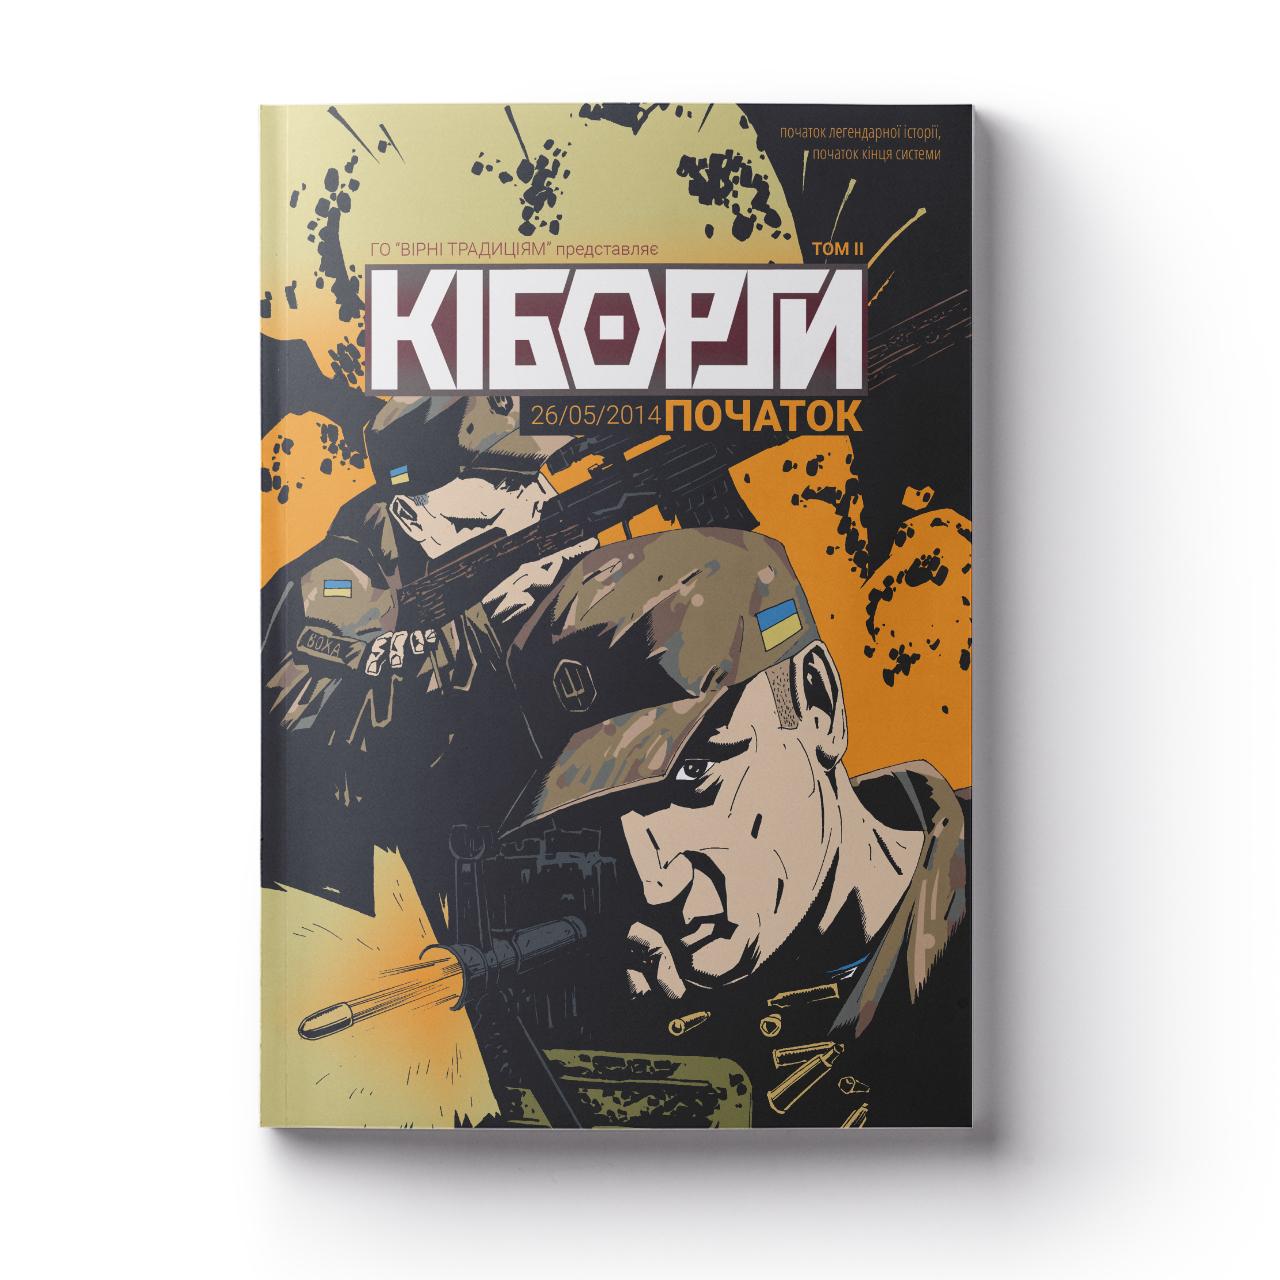 Комікс українською мовою КІБОРГИ. Хроніки 3-го полку. 25.05.14